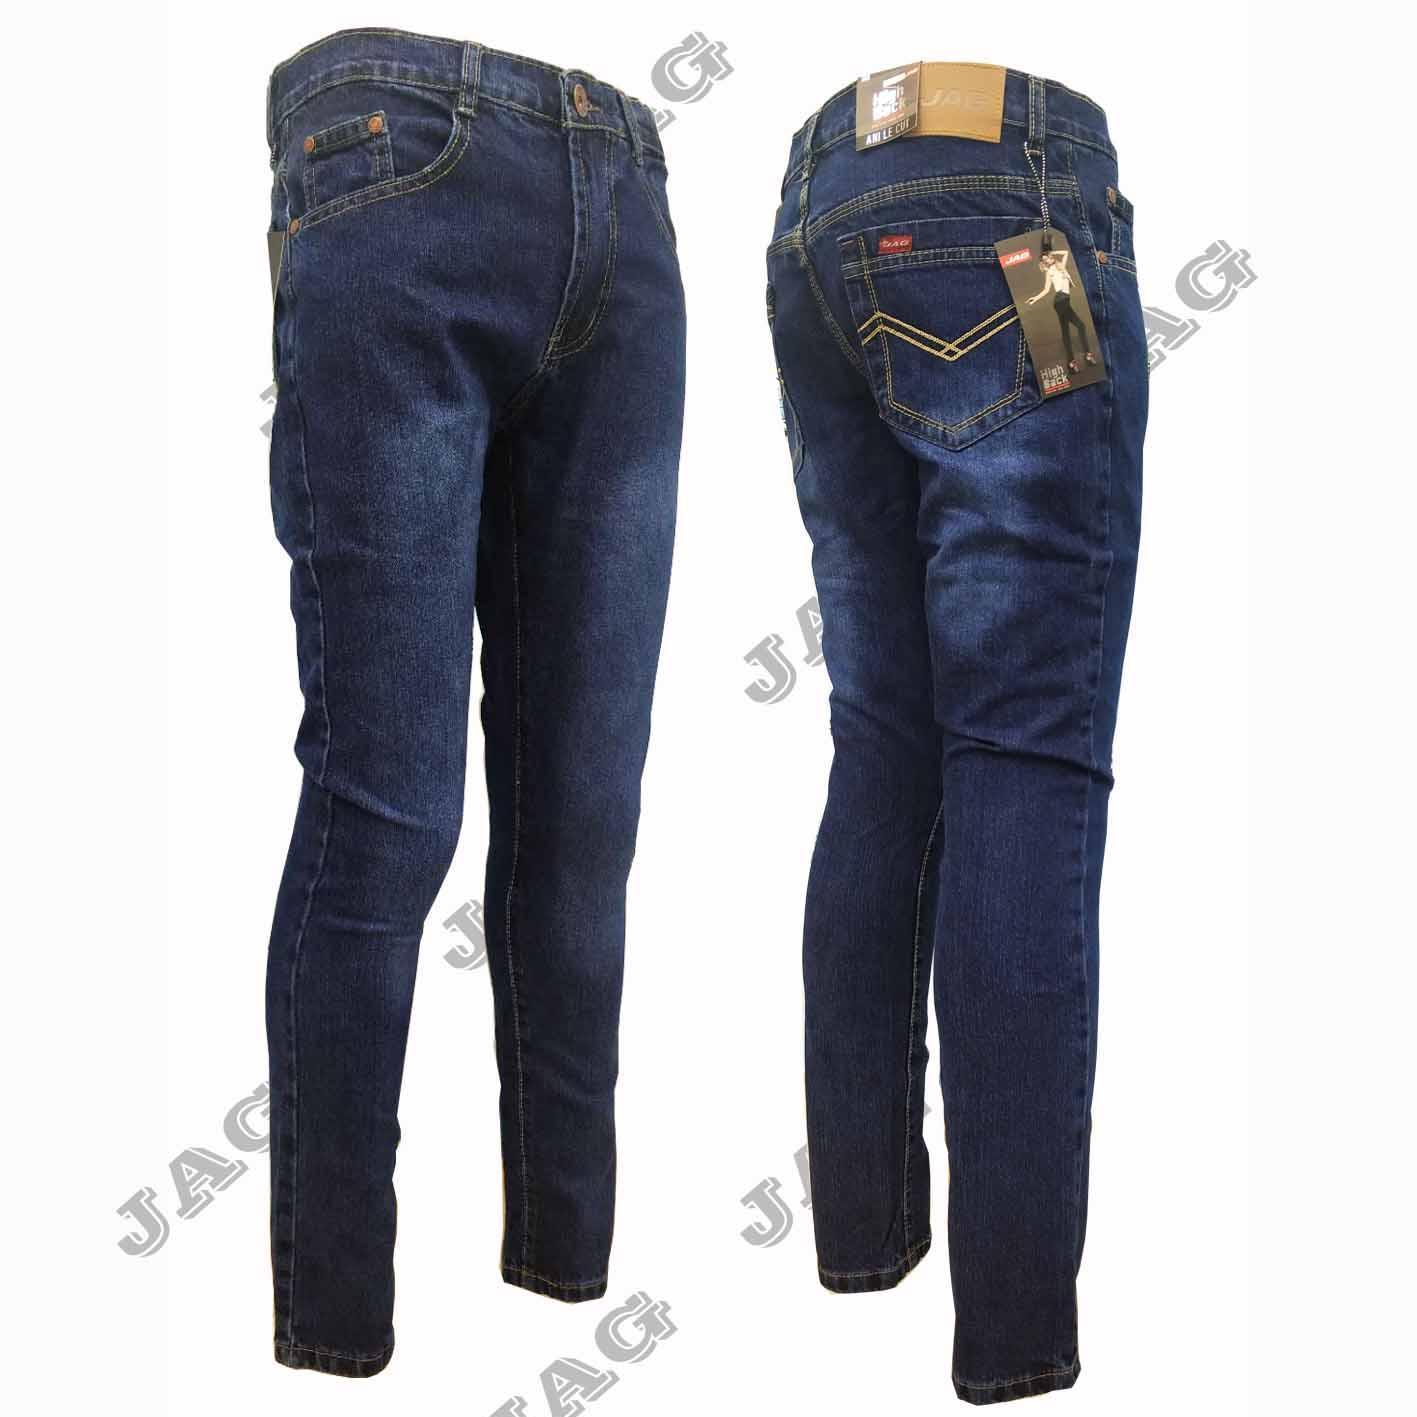 95e7cbb0578 Philippines. Man Skinny Jeans Blue Slignt Pants SIZE 28-36